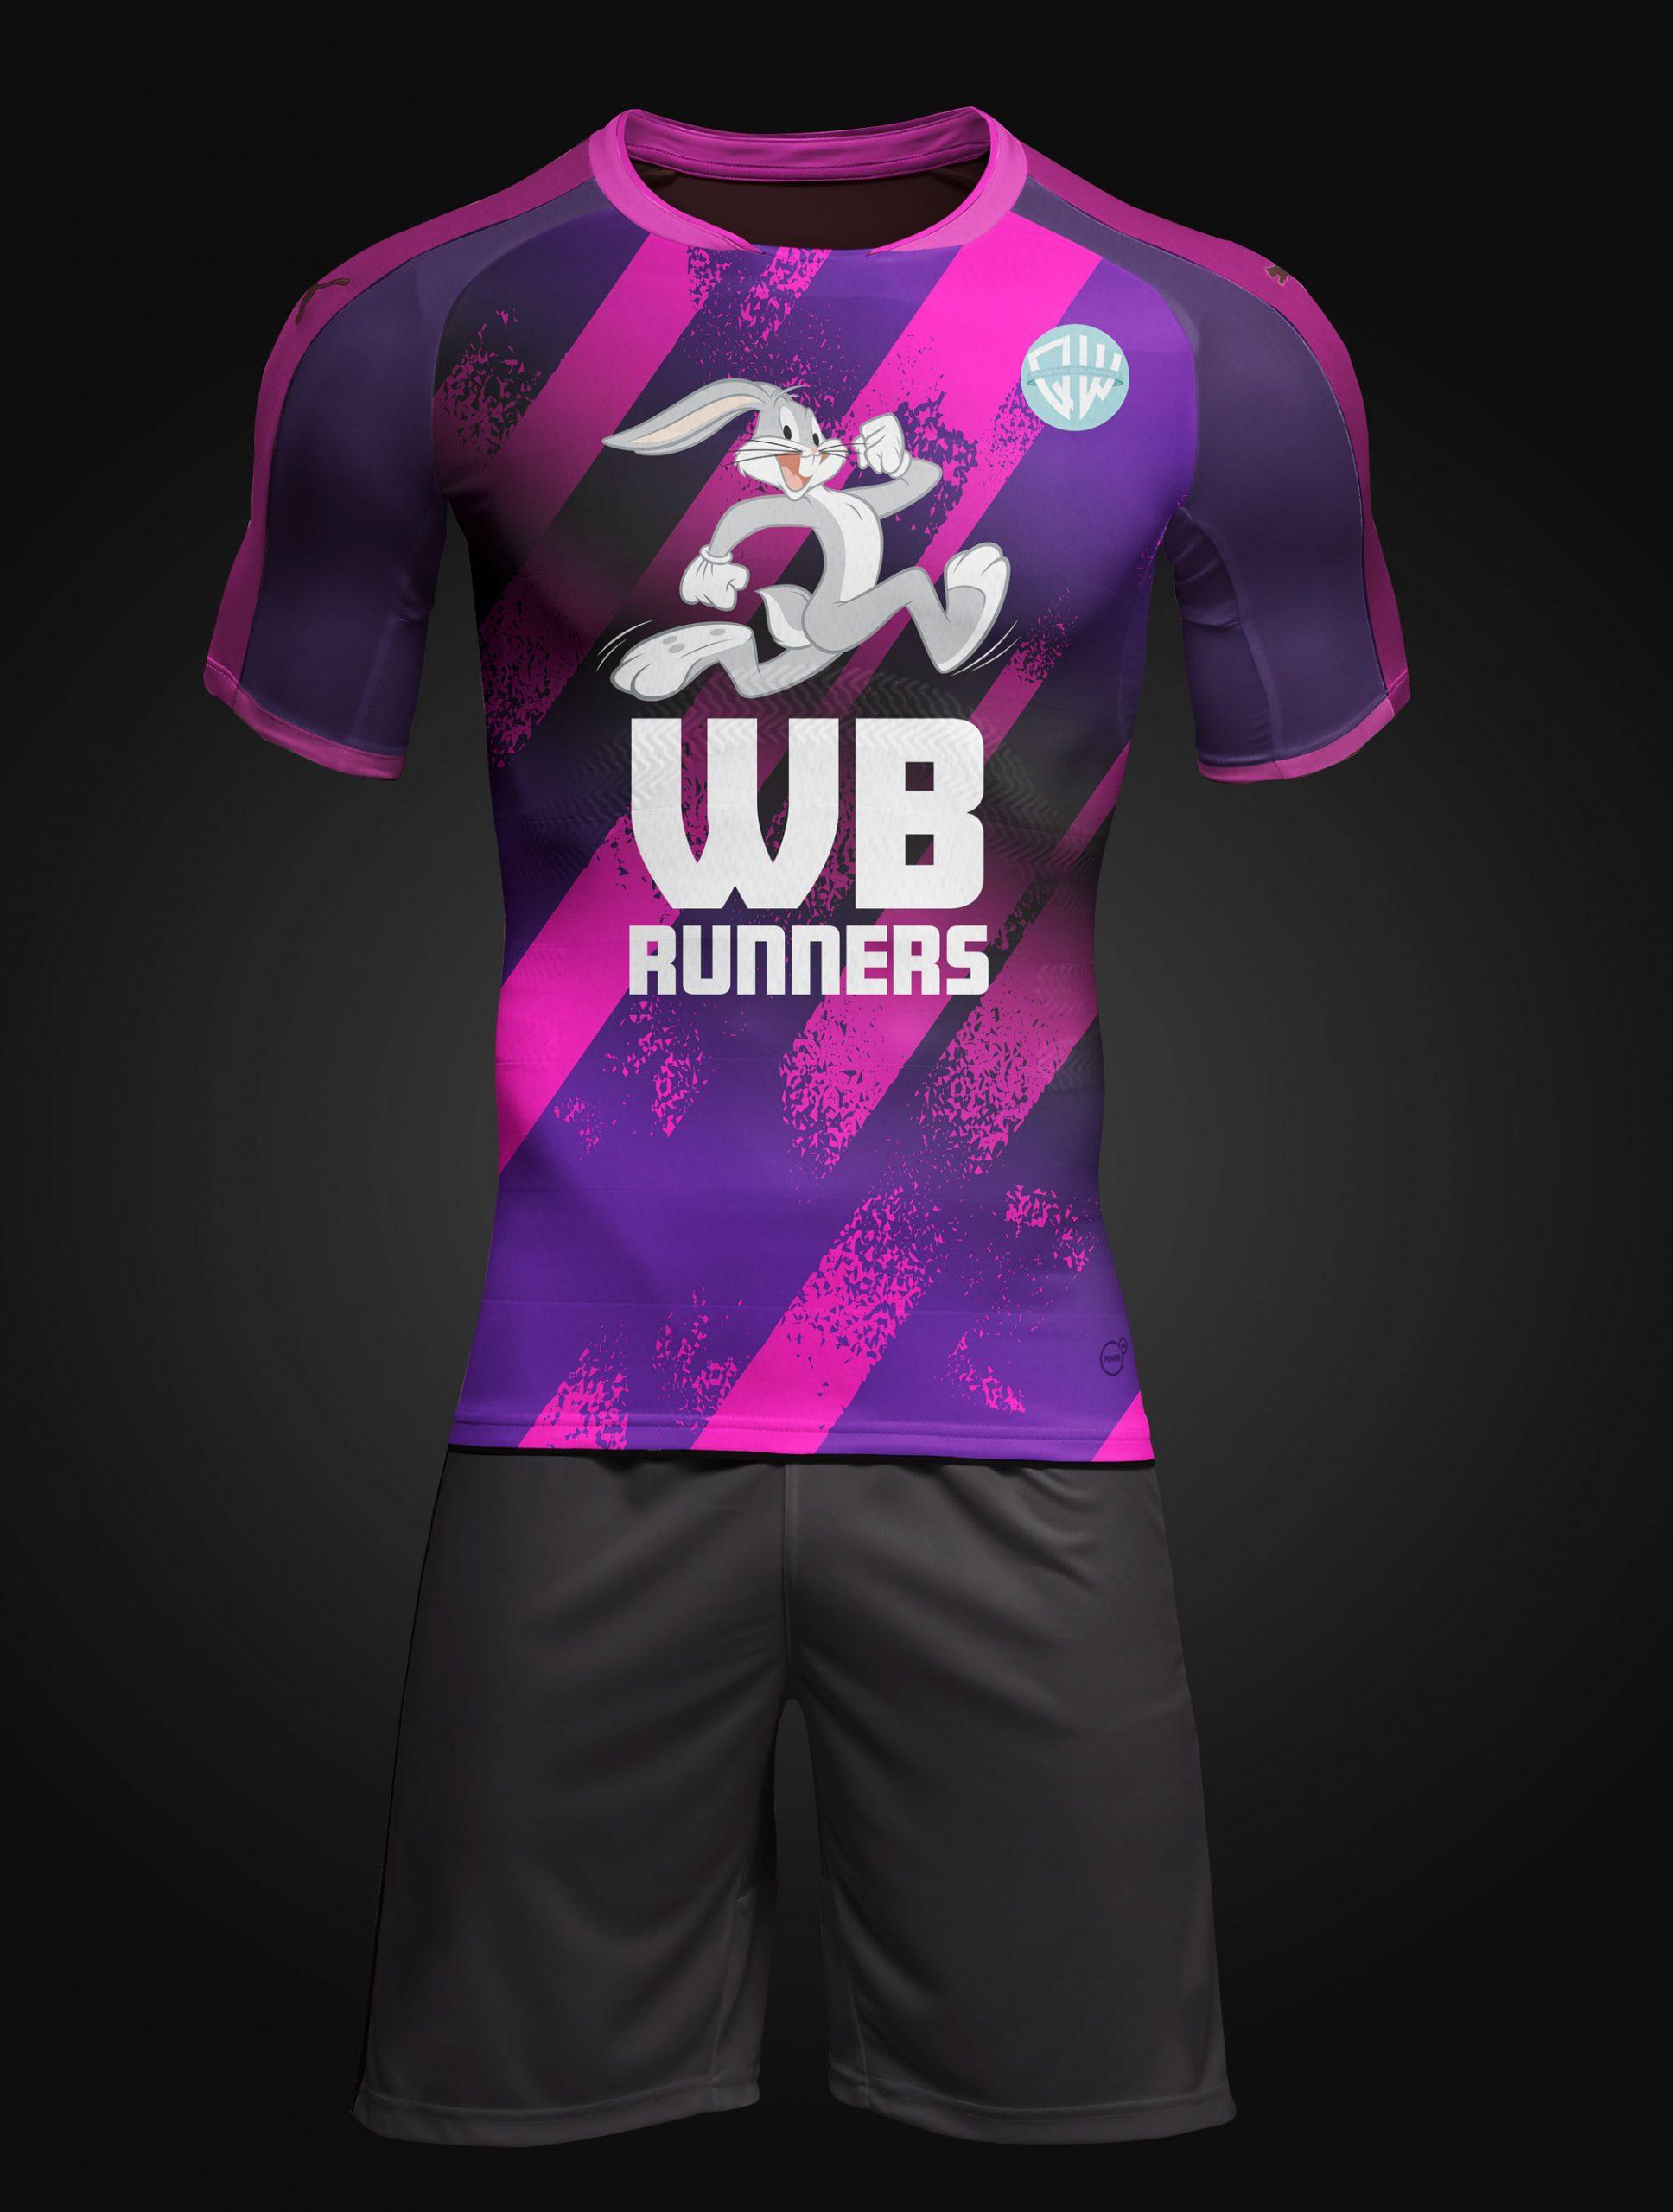 camiseta-de-corrida-WB-Runners_03-qpix-creative-minds